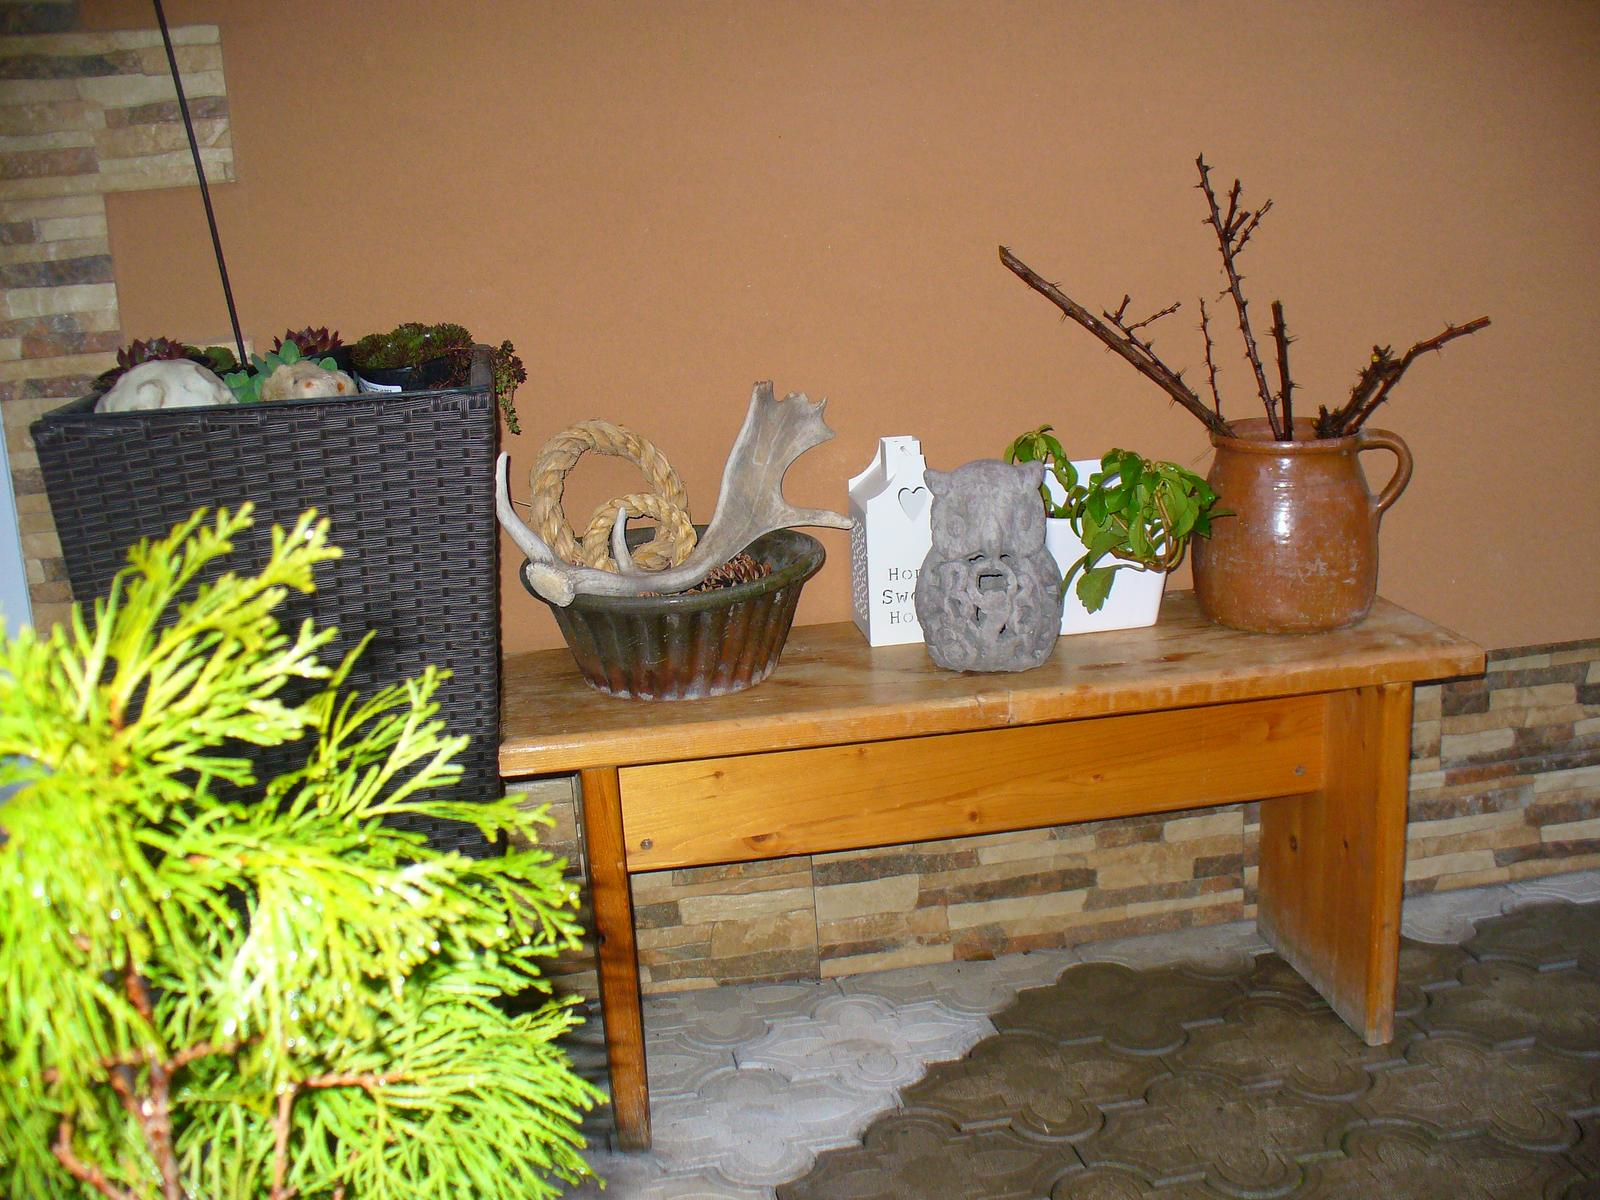 Prerábka, sadenie a úpravy v našej mini záhradke. - dostala som lavičku